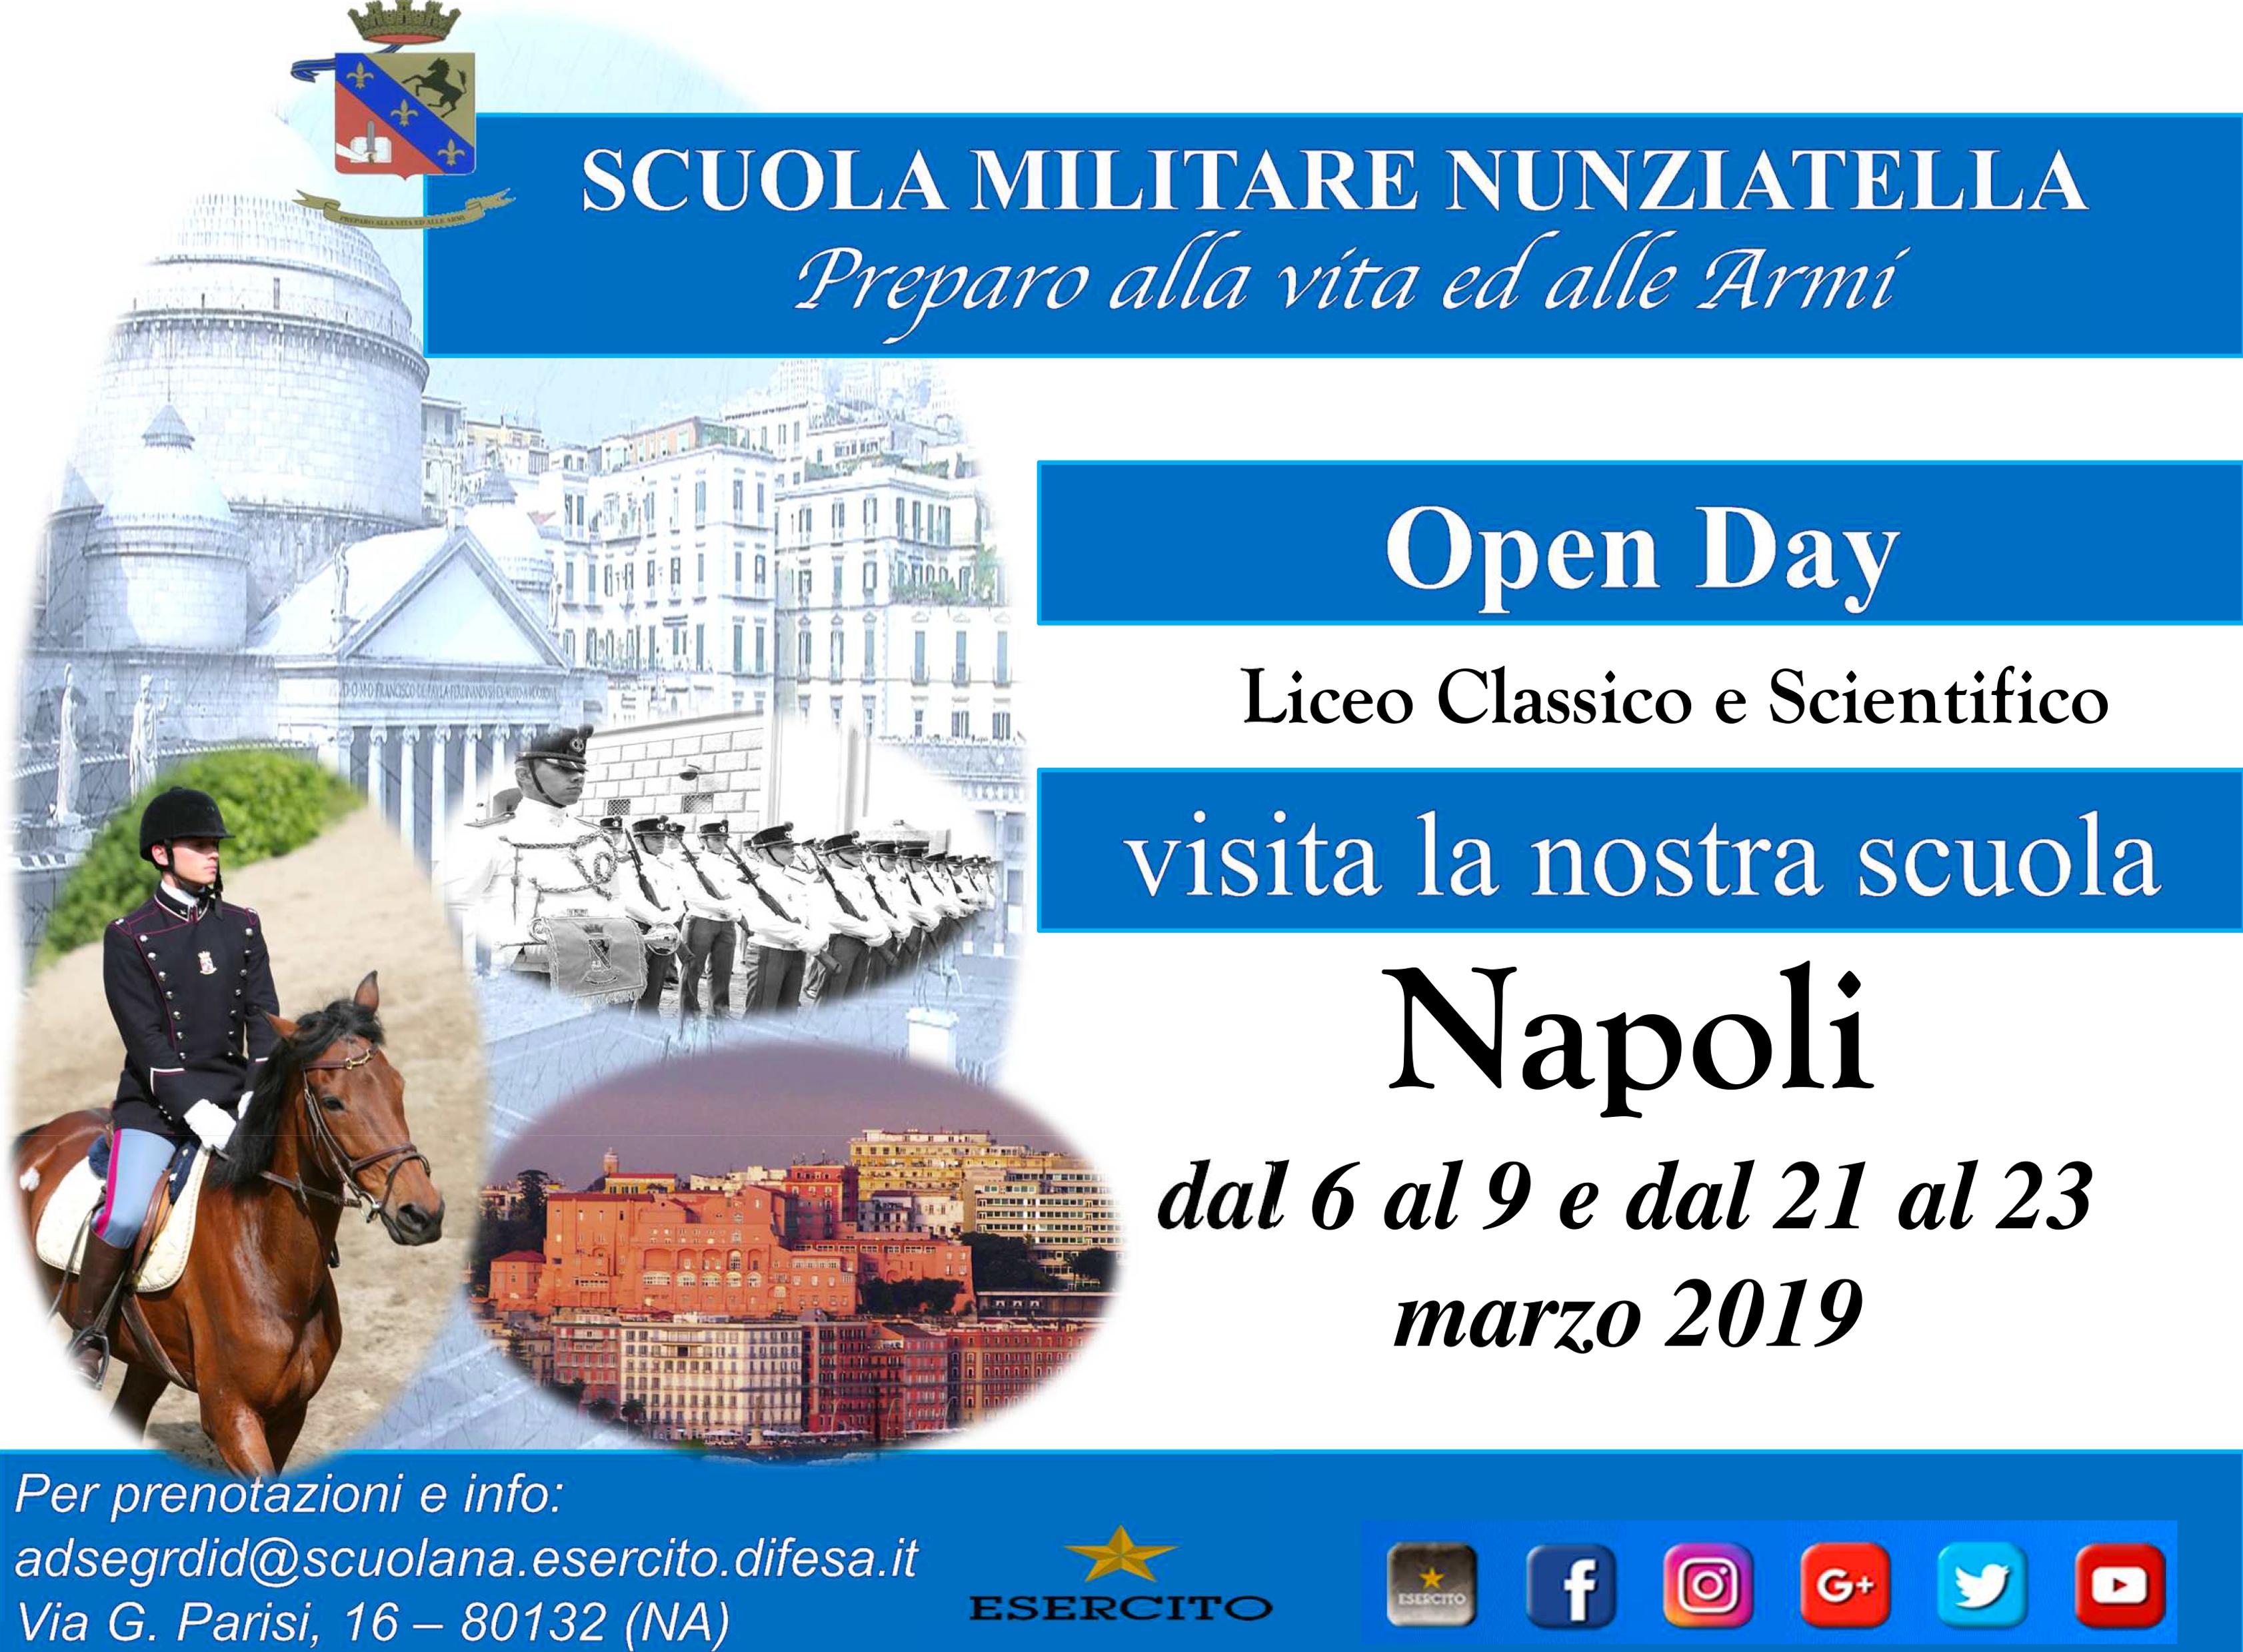 Pubblicate le date degli Open Day per l'anno 2019